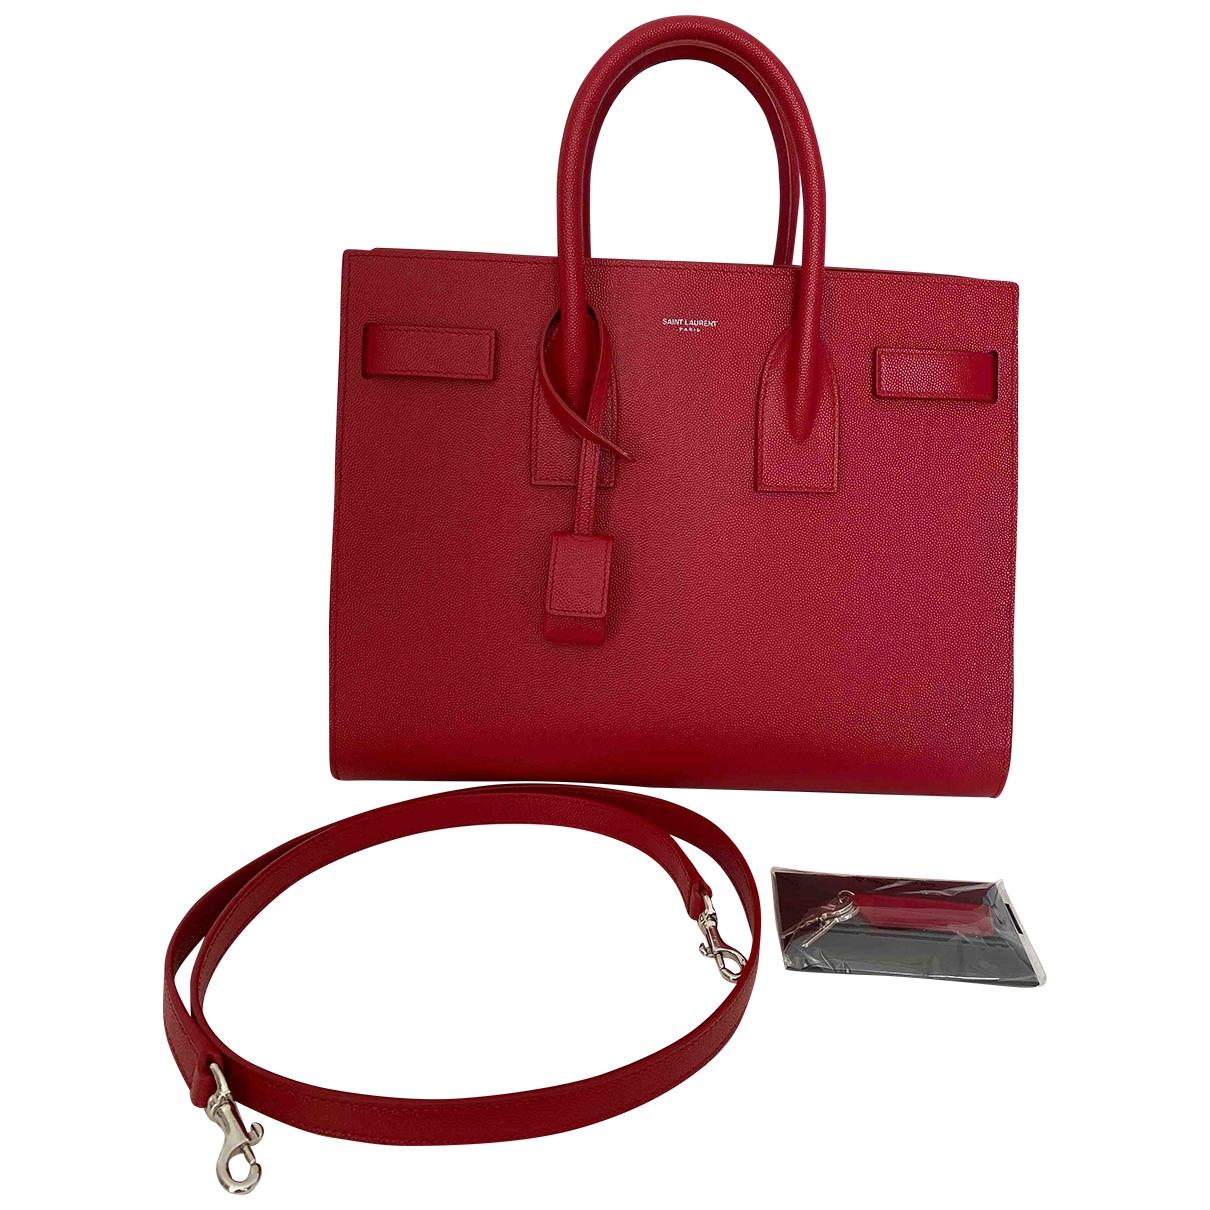 Saint Laurent Sac de Jour Handtasche in  Rot Leder